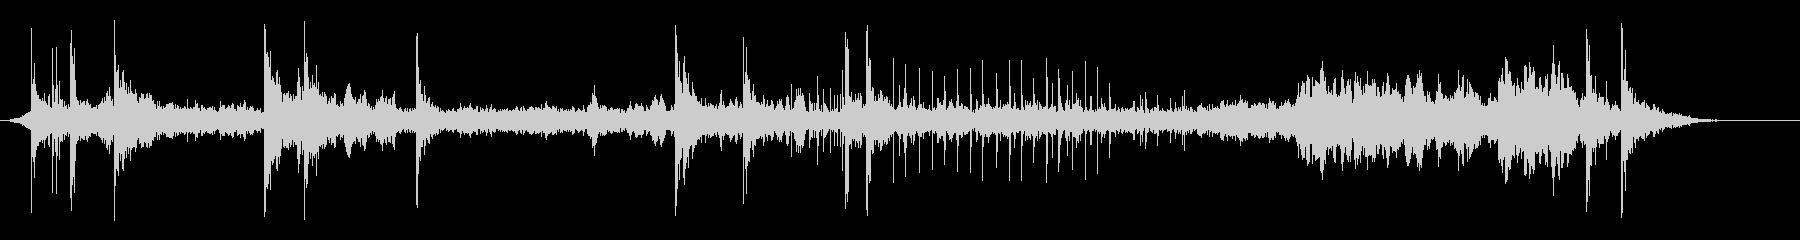 エルロシオアンビエンテアルデアの未再生の波形